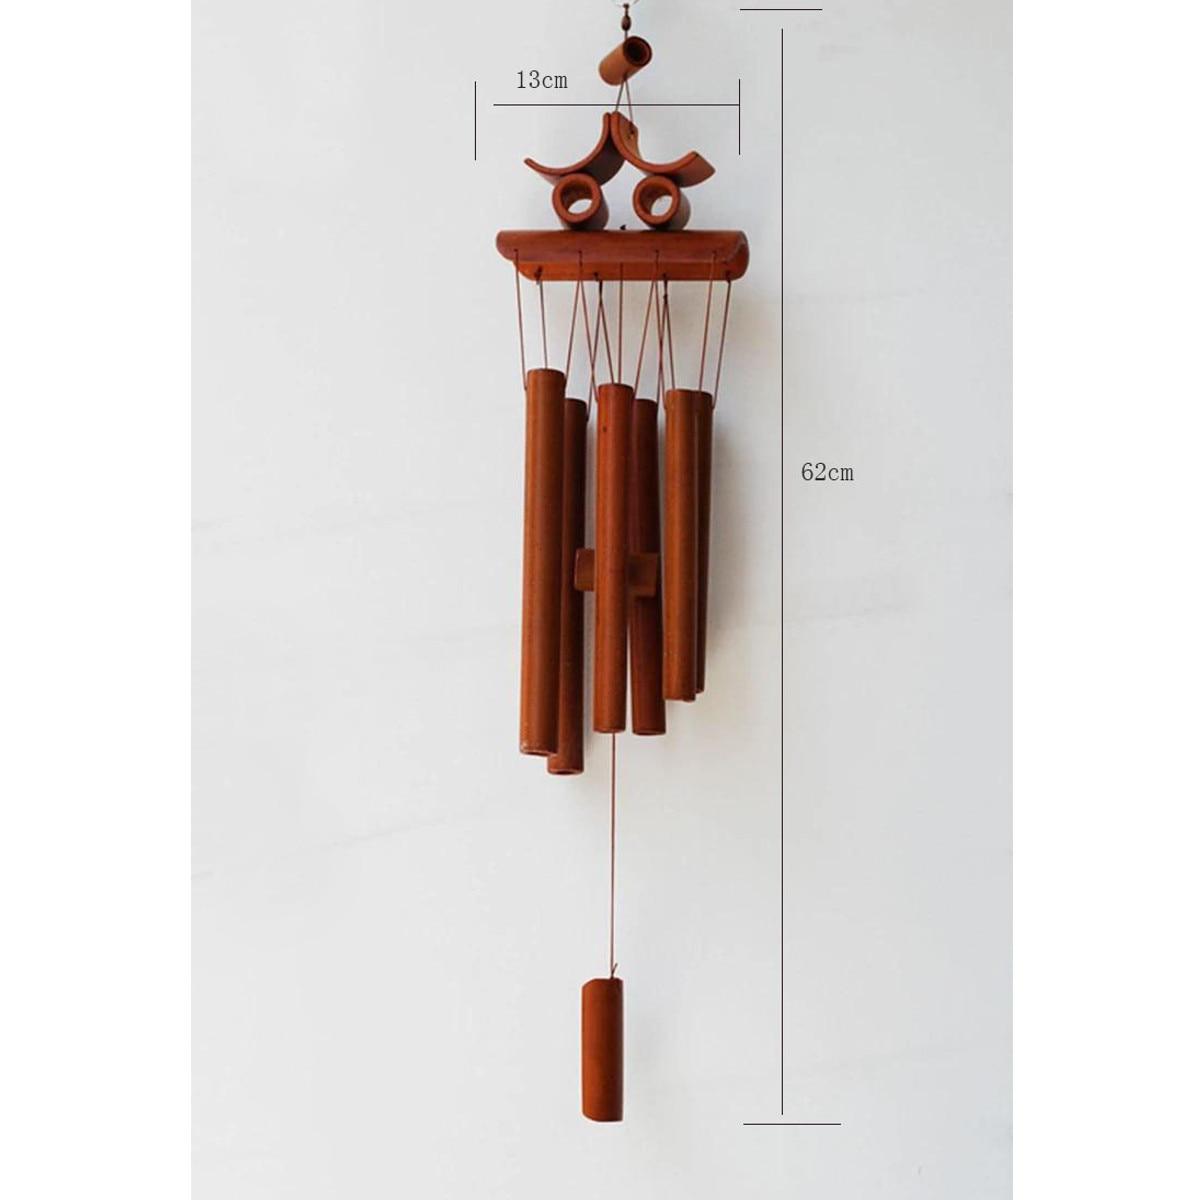 Billige Kaufen Bambus Holz Windspiele Rohre Outdoor Hängen Glocken